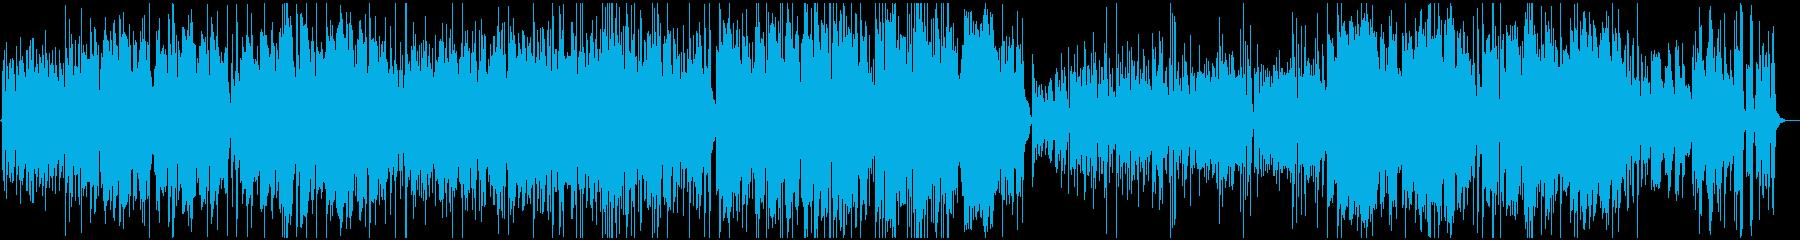 ジャズタンゴ。メロディーはトランペ...の再生済みの波形